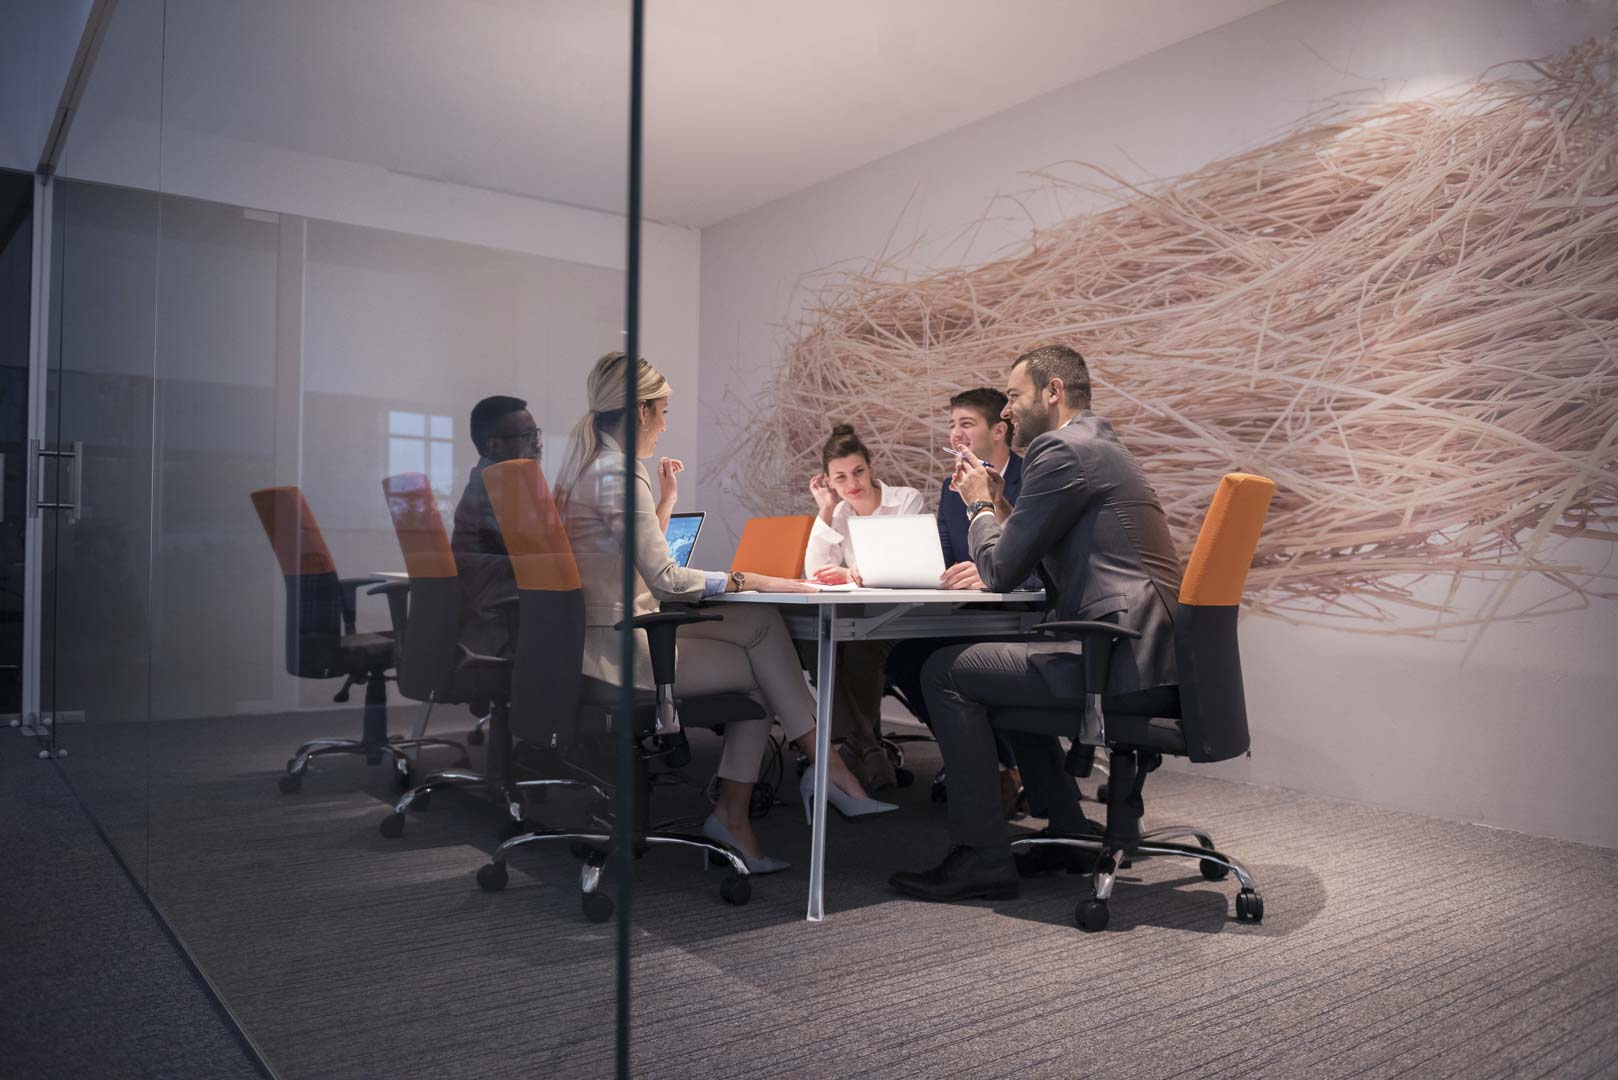 Personas en una sala de reuniones